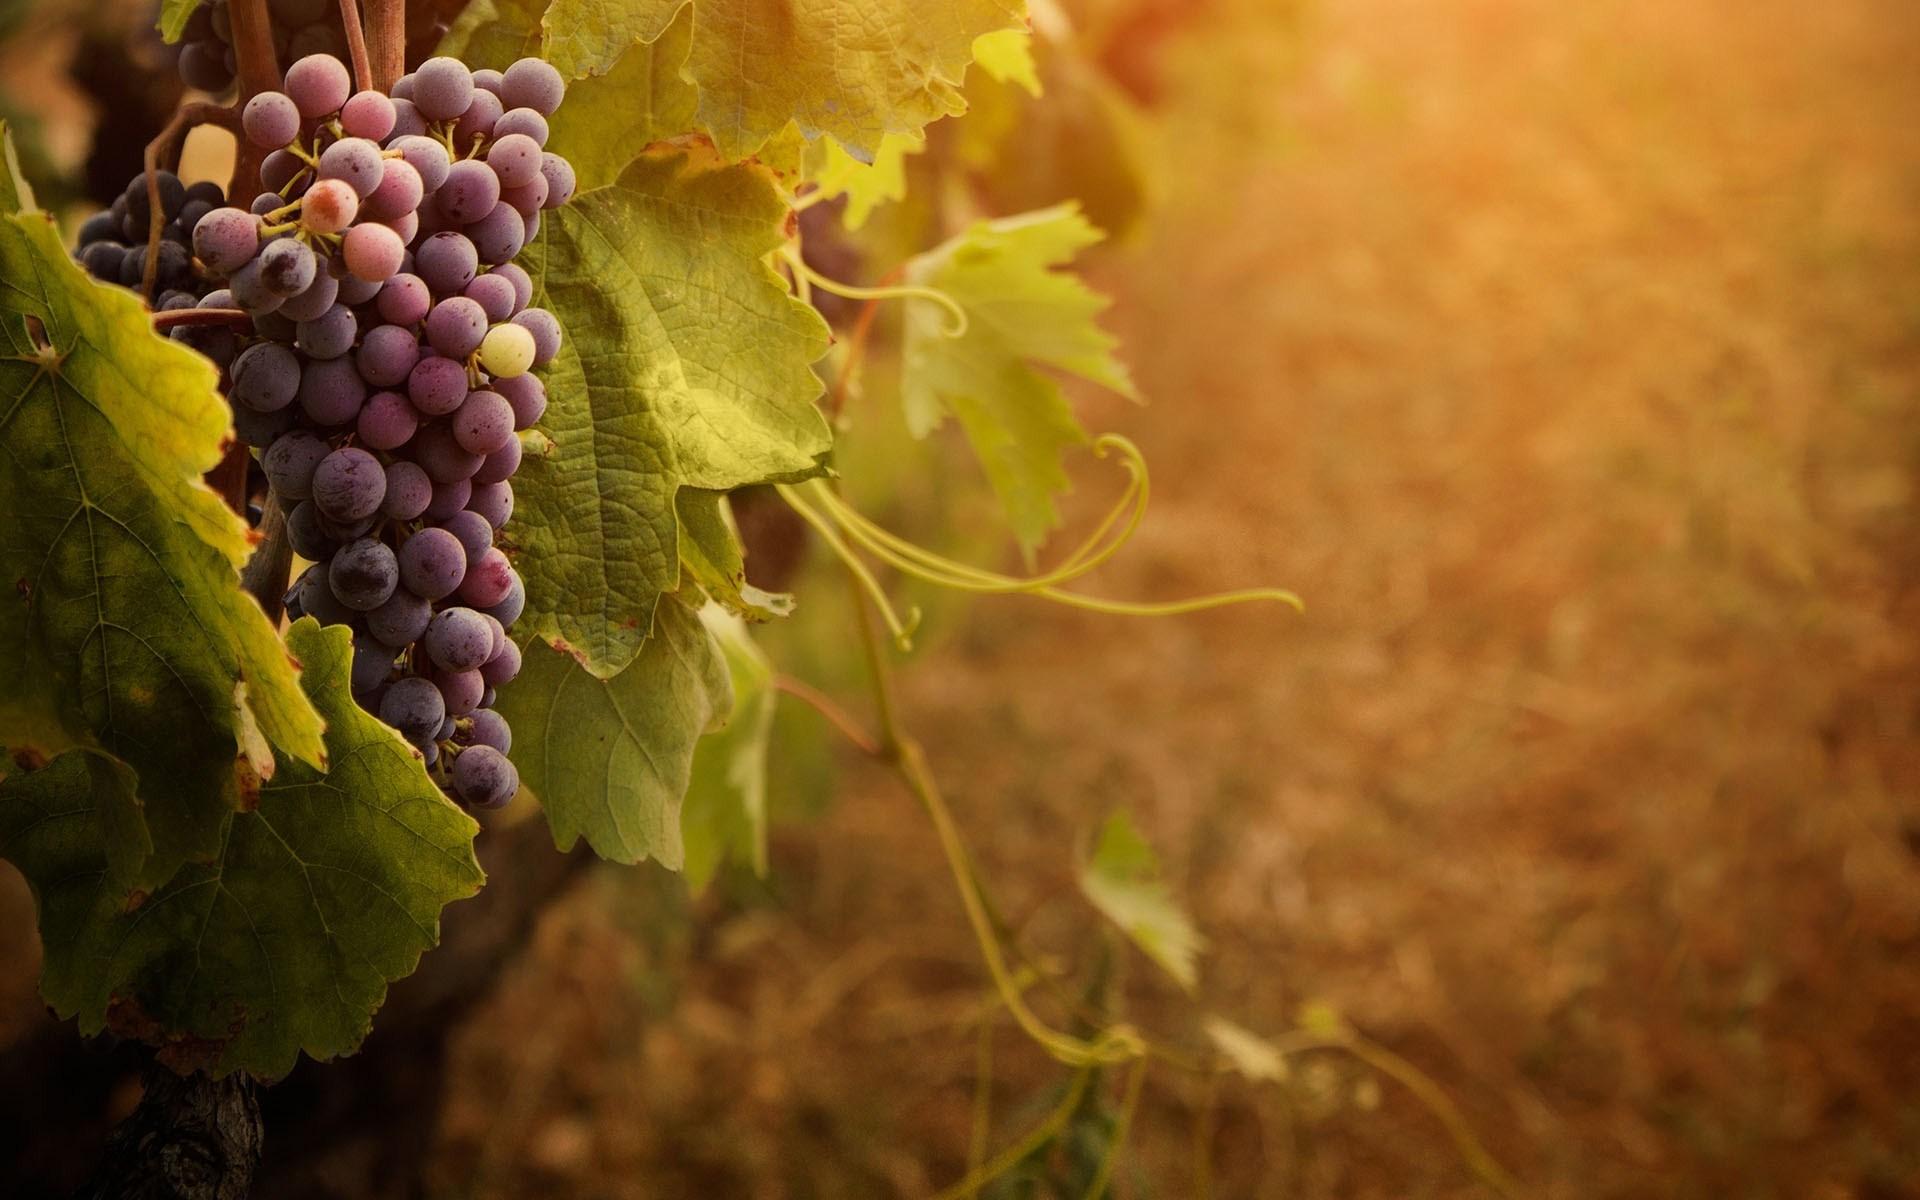 Wallpaper Grape Vines - WallpaperSafari